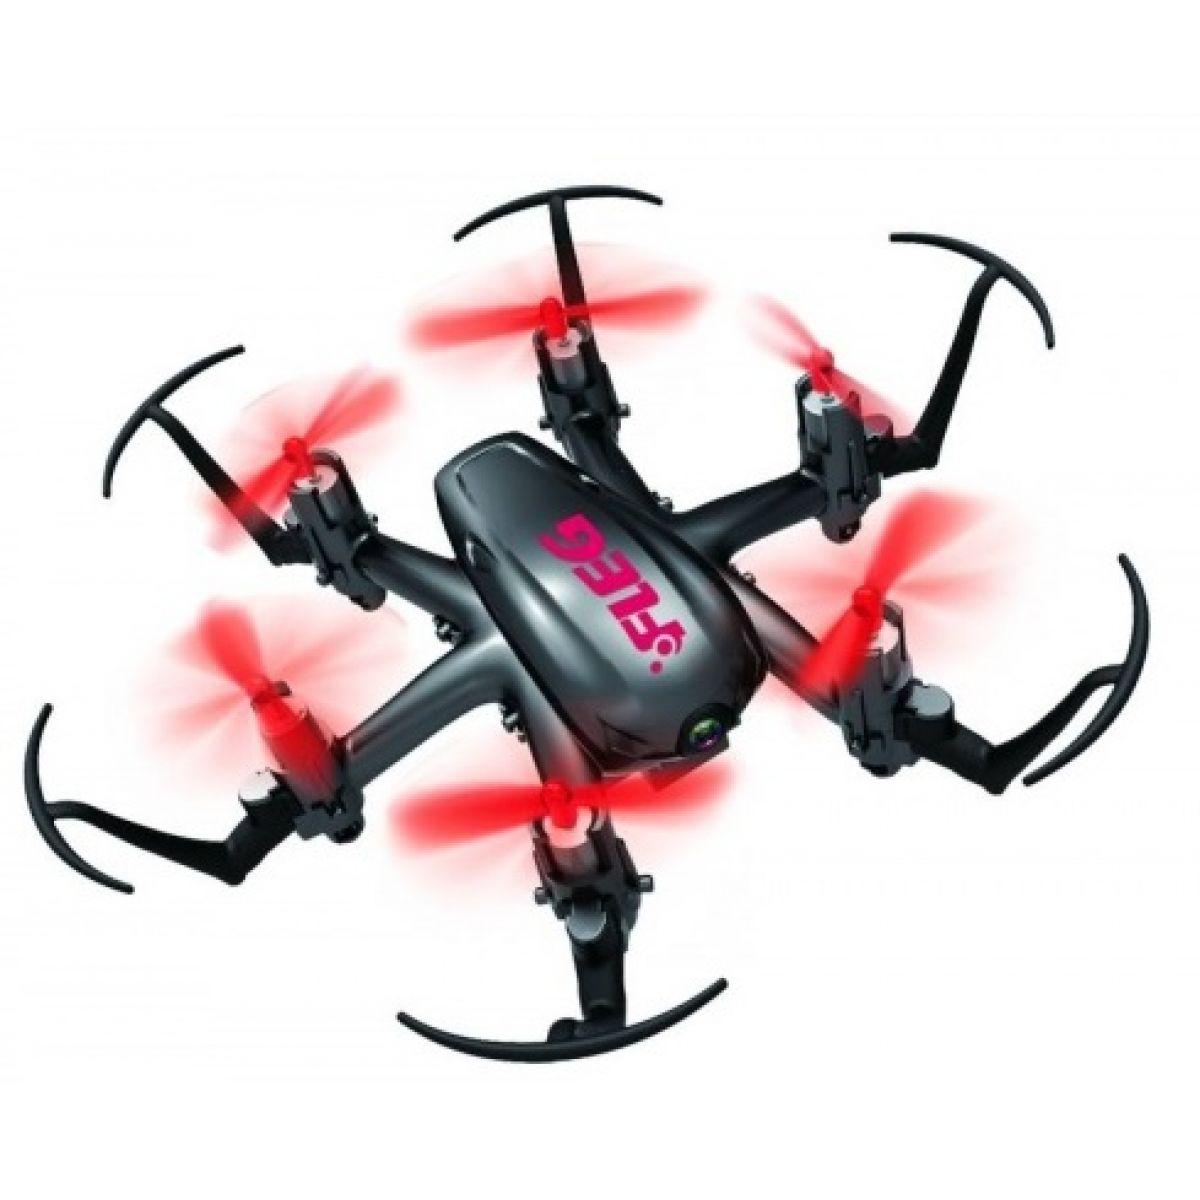 Fleg Dron Fleg H20C s kamerou - GF5001